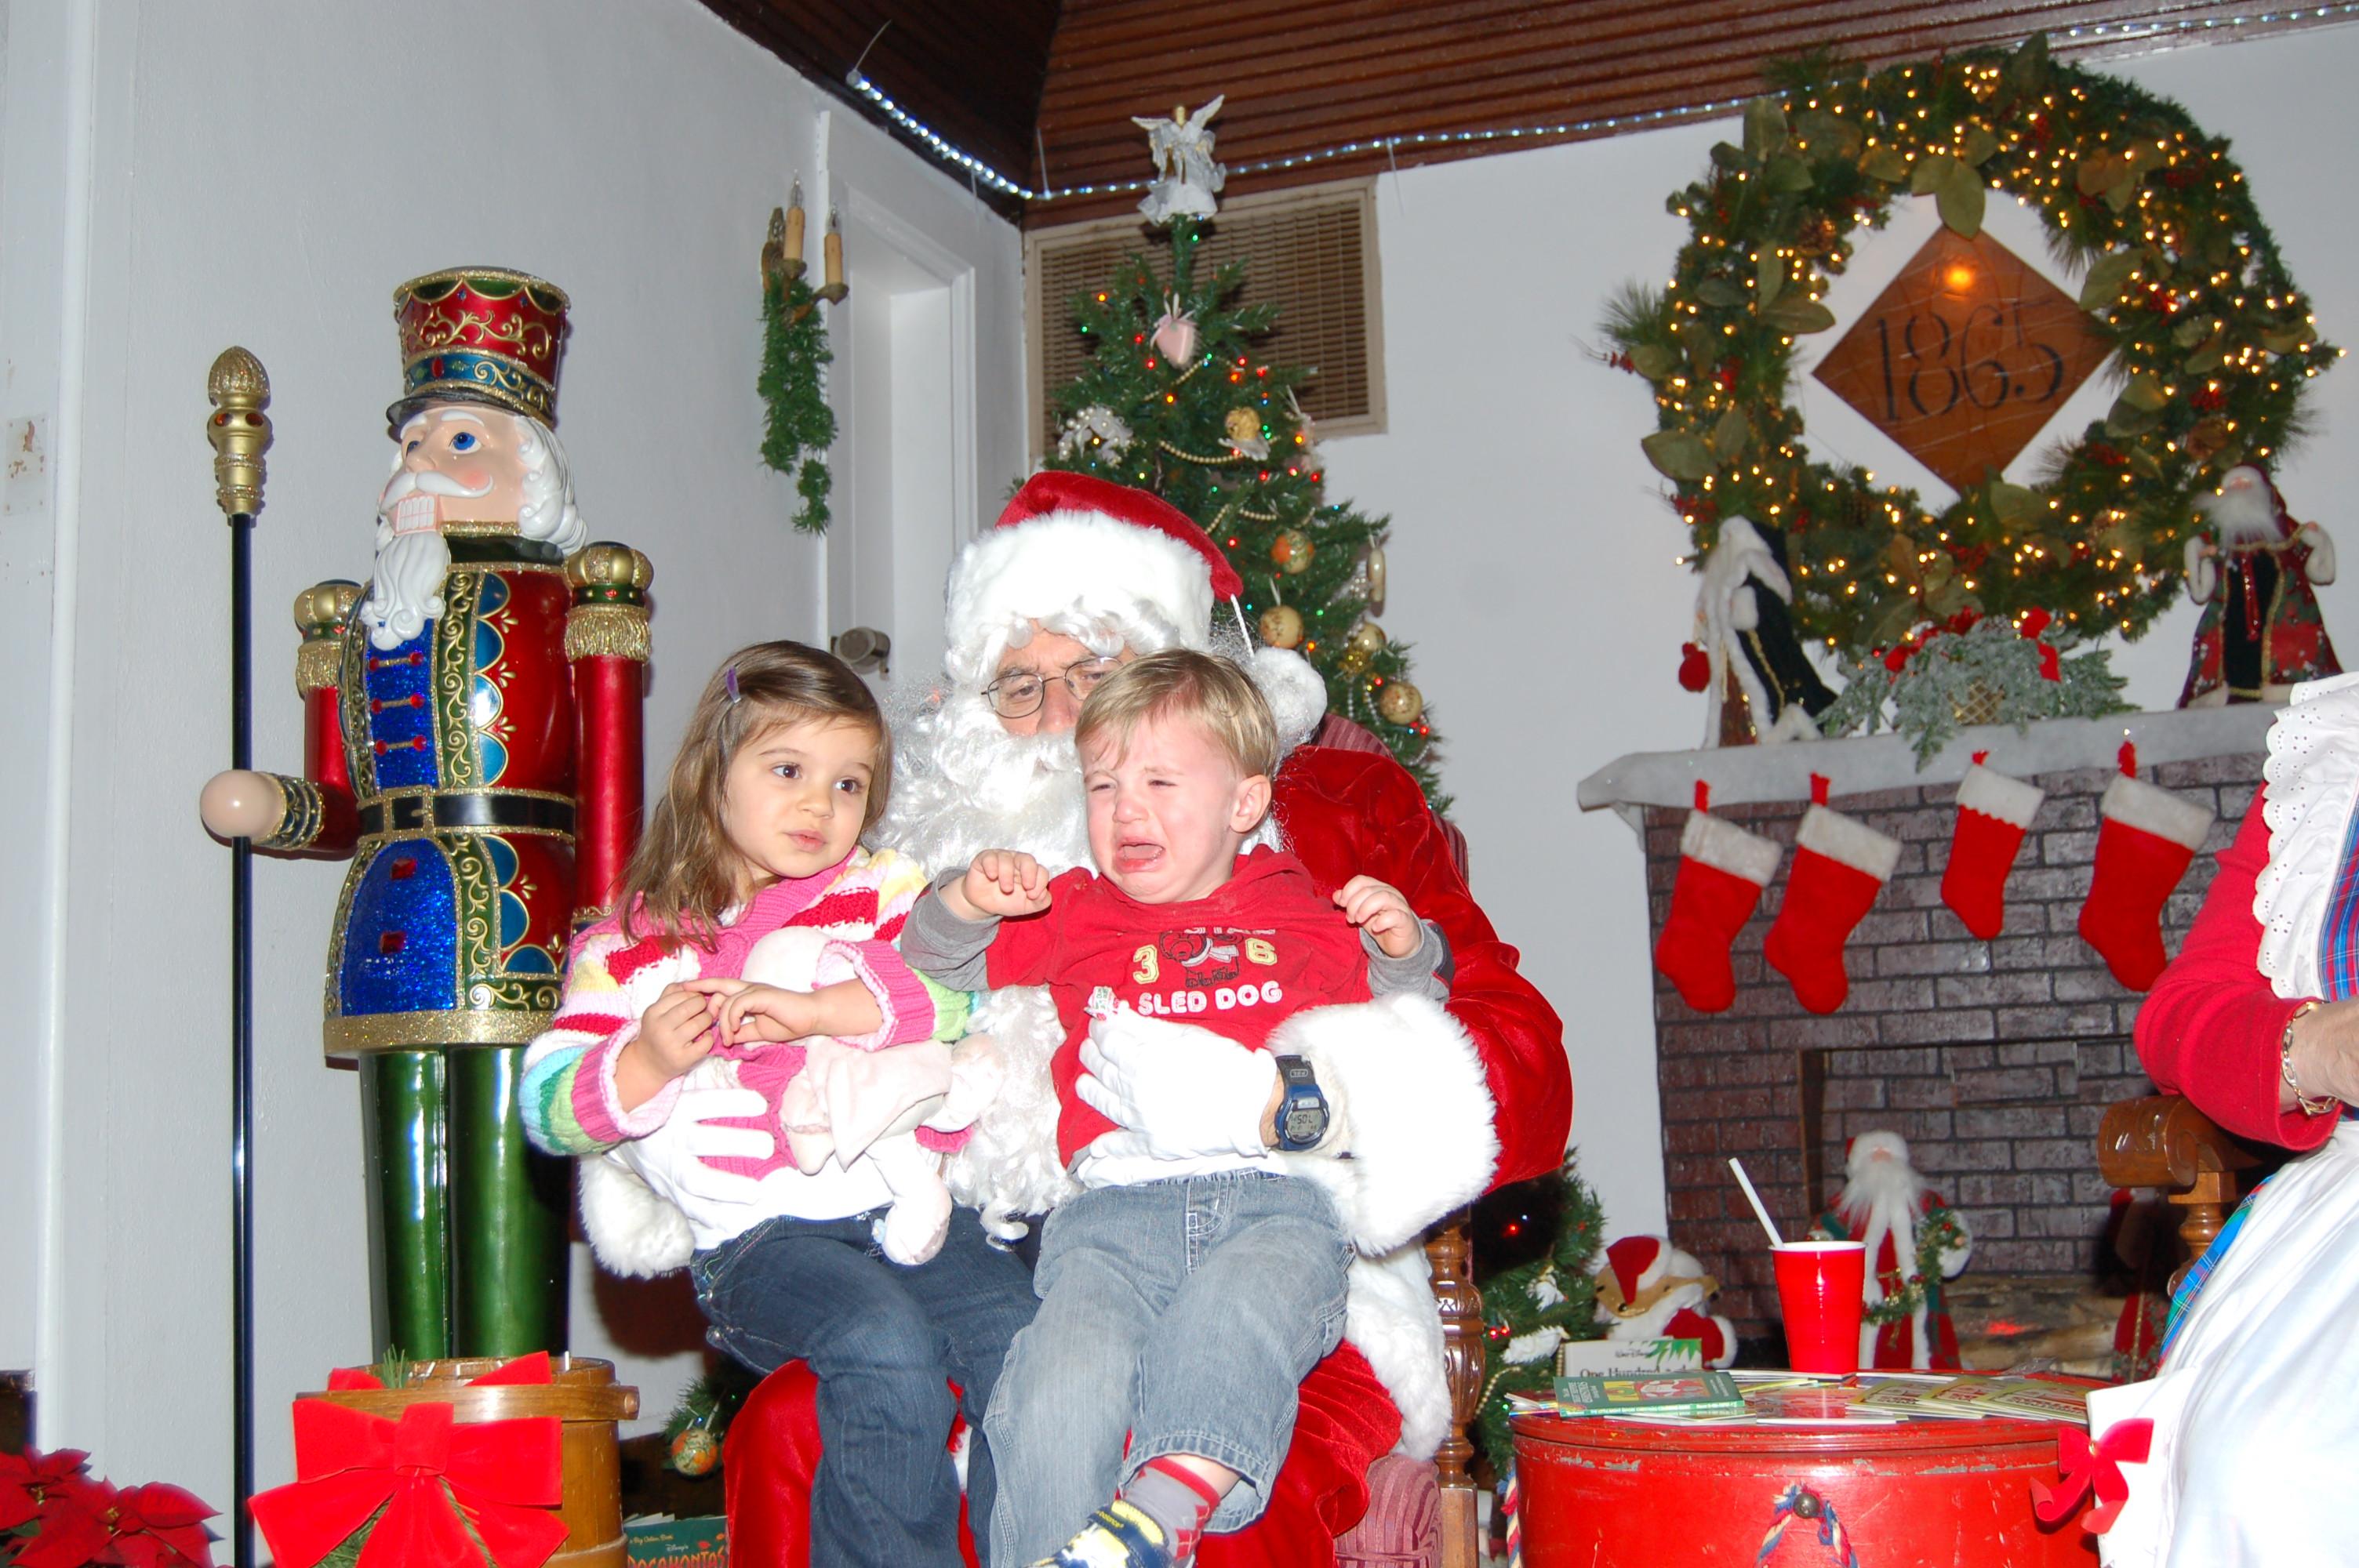 LolliPop+Lane+12-12-2008+Picture+028.jpg